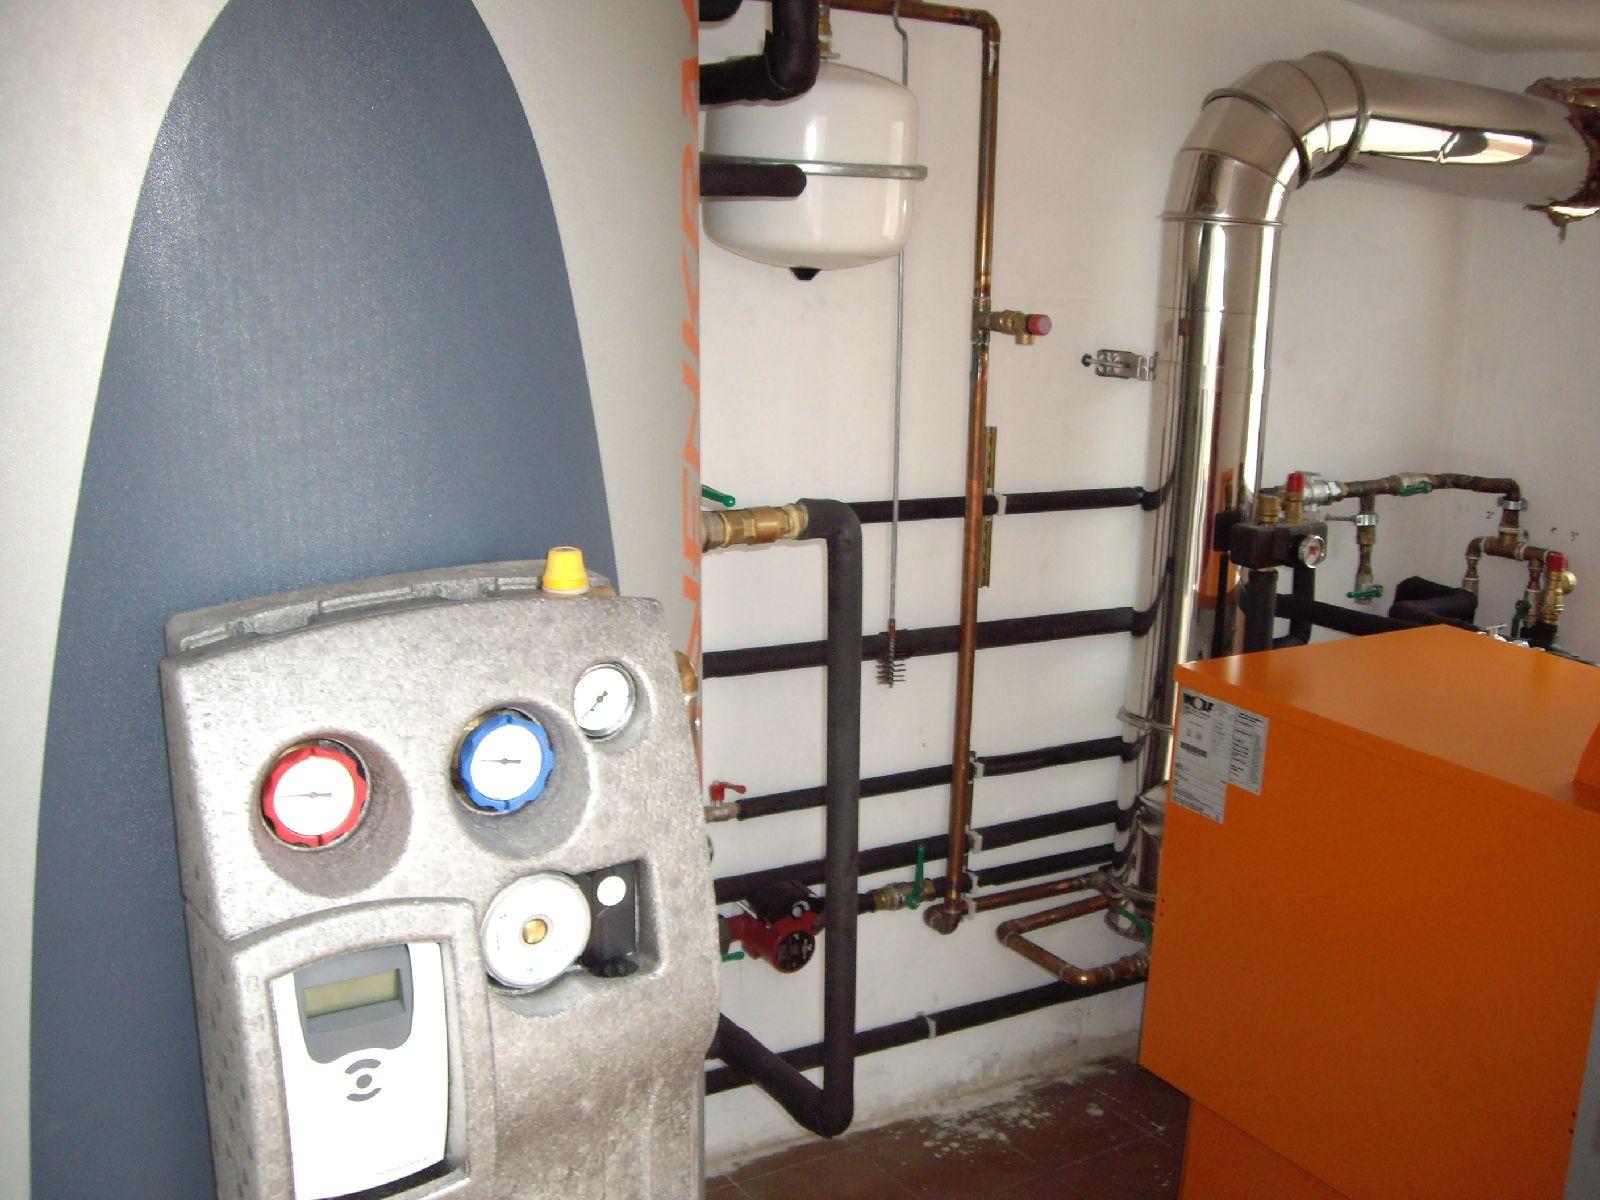 Instalacion de calefaccion solar - Sistema de calefaccion central ...